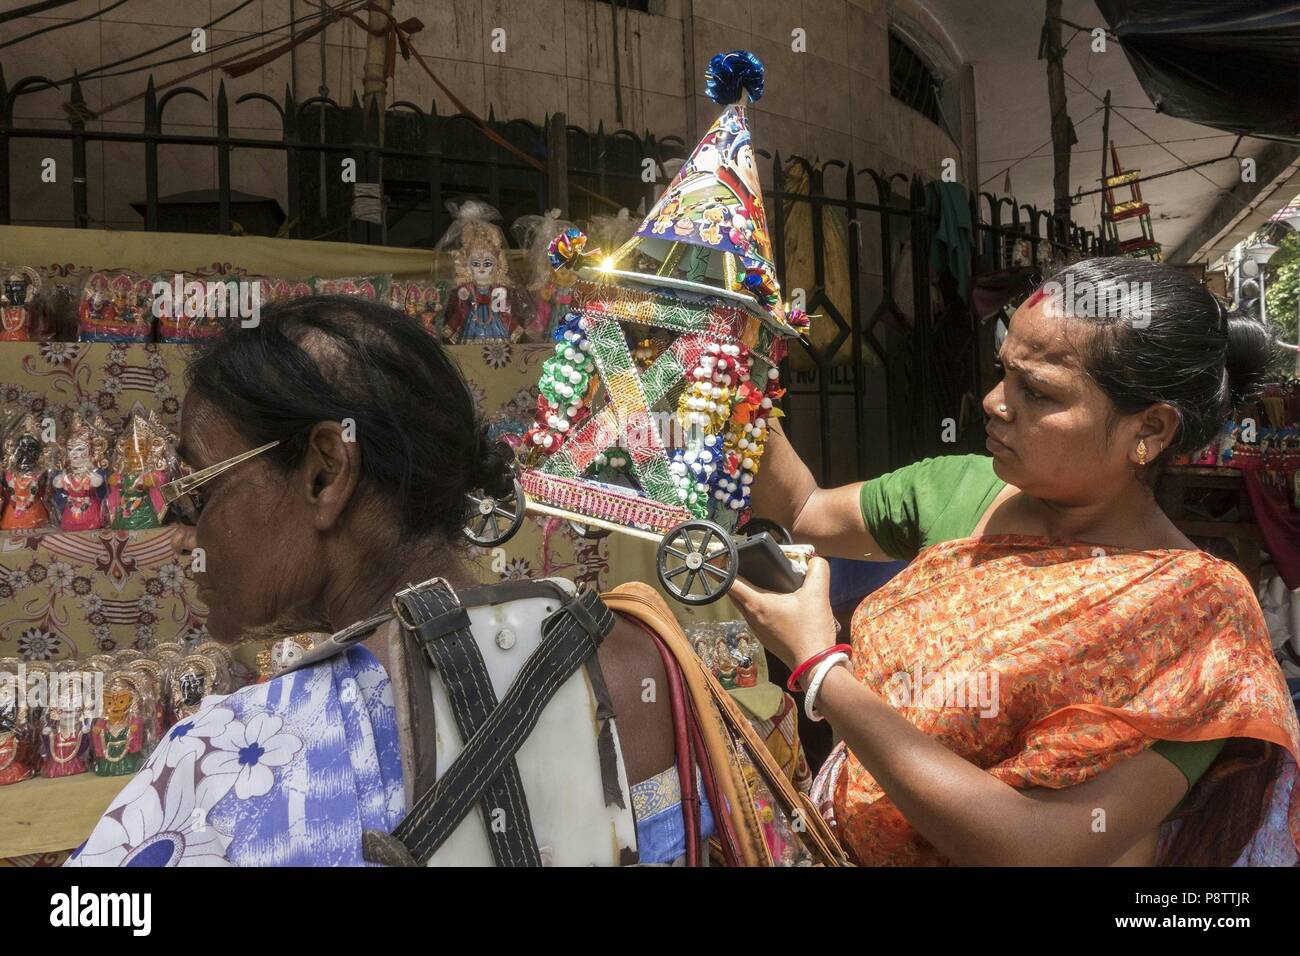 Kolkata 13 Juli 2018 Indische Menschen Kaufen Wagen Am Vorabend